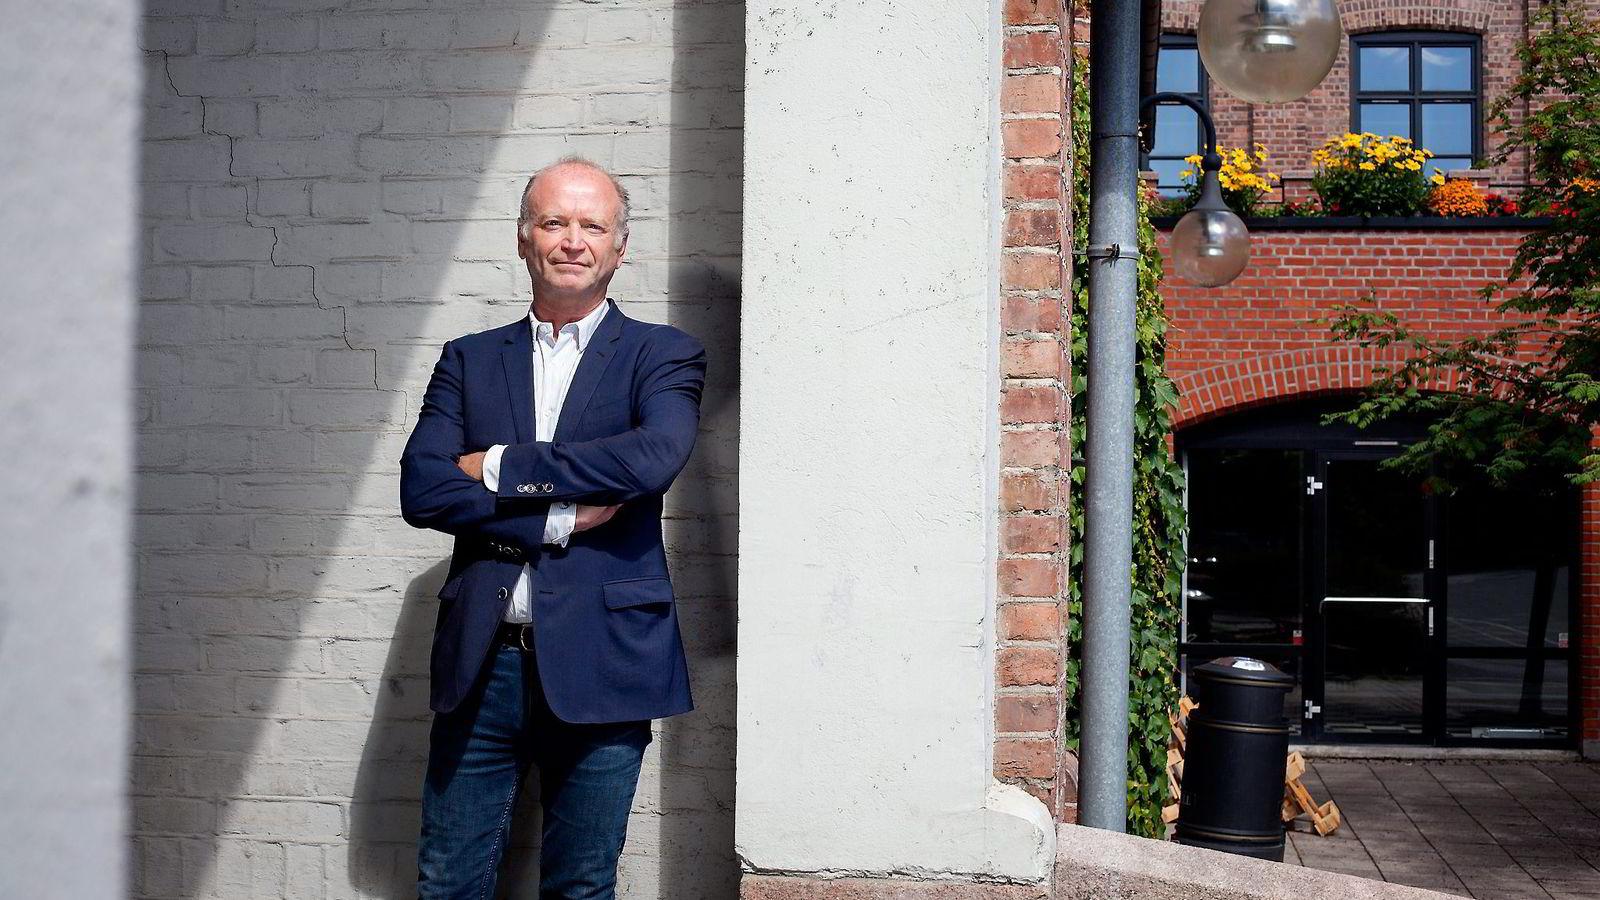 Daglig leder Olav T. Øen sier produksjonsbransjen merker de usikre tidene i tv- og mediebransjen. Foto: